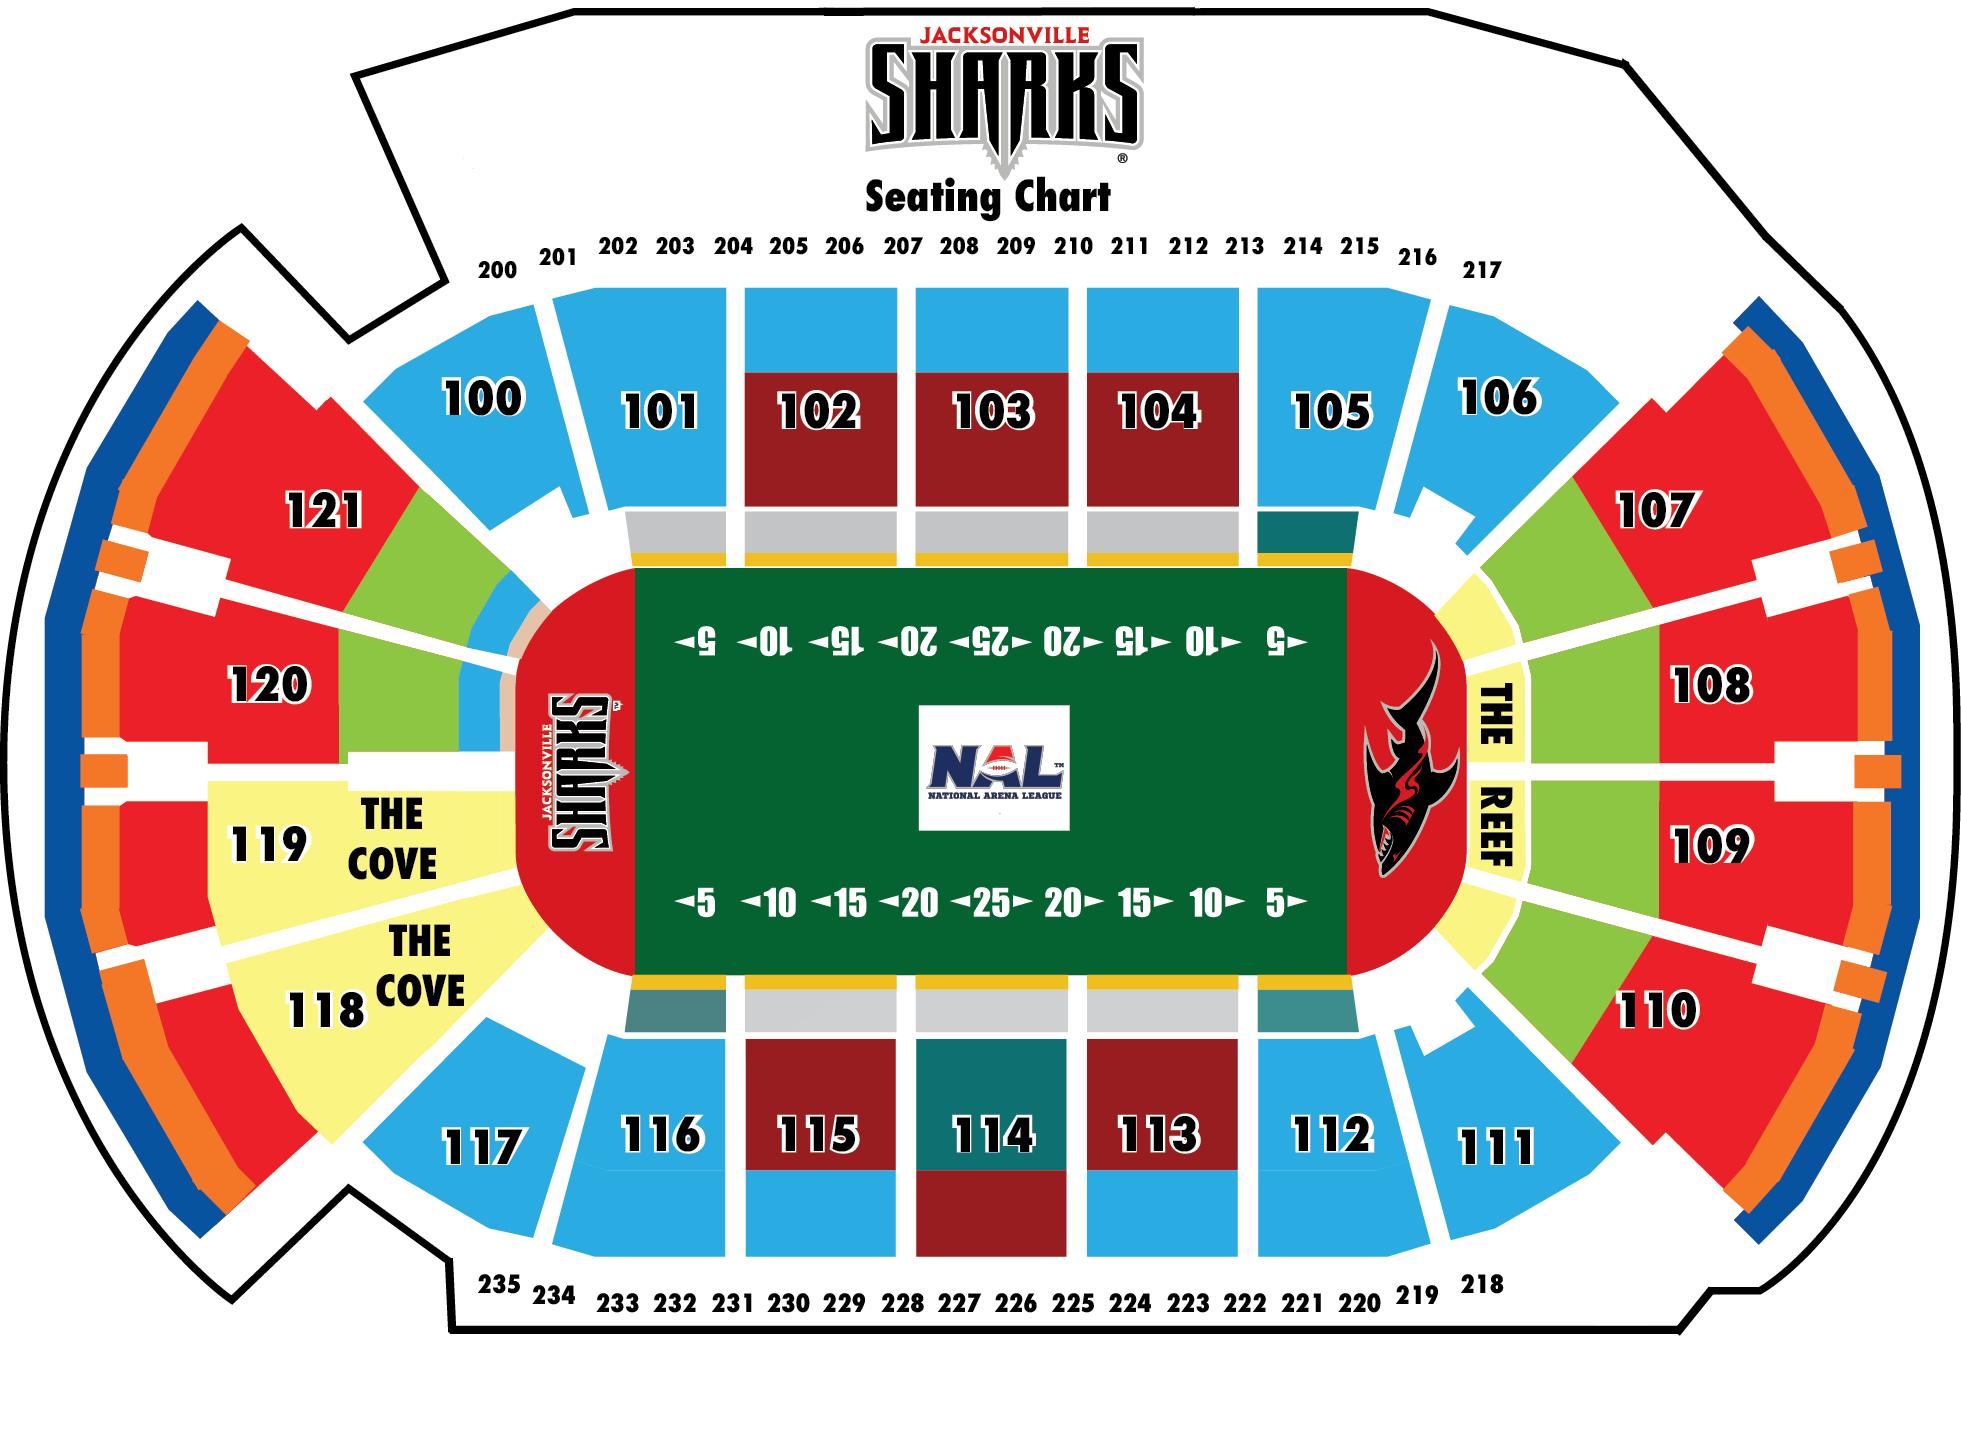 Jacksonville Sharks Seating Chart